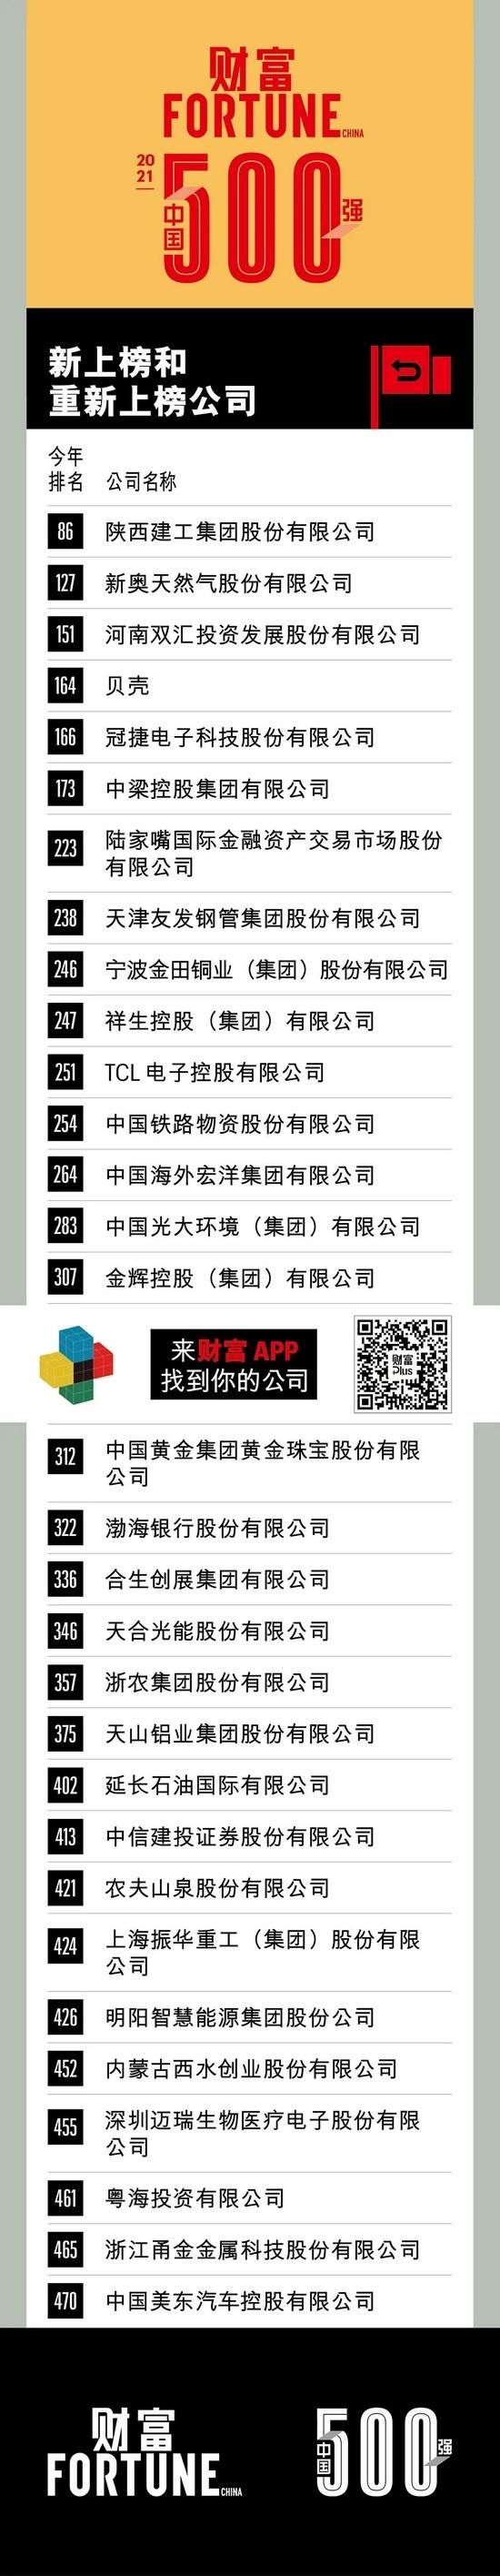 2021年财富中国500强新上榜和重新上榜公司贝壳TCL等上榜